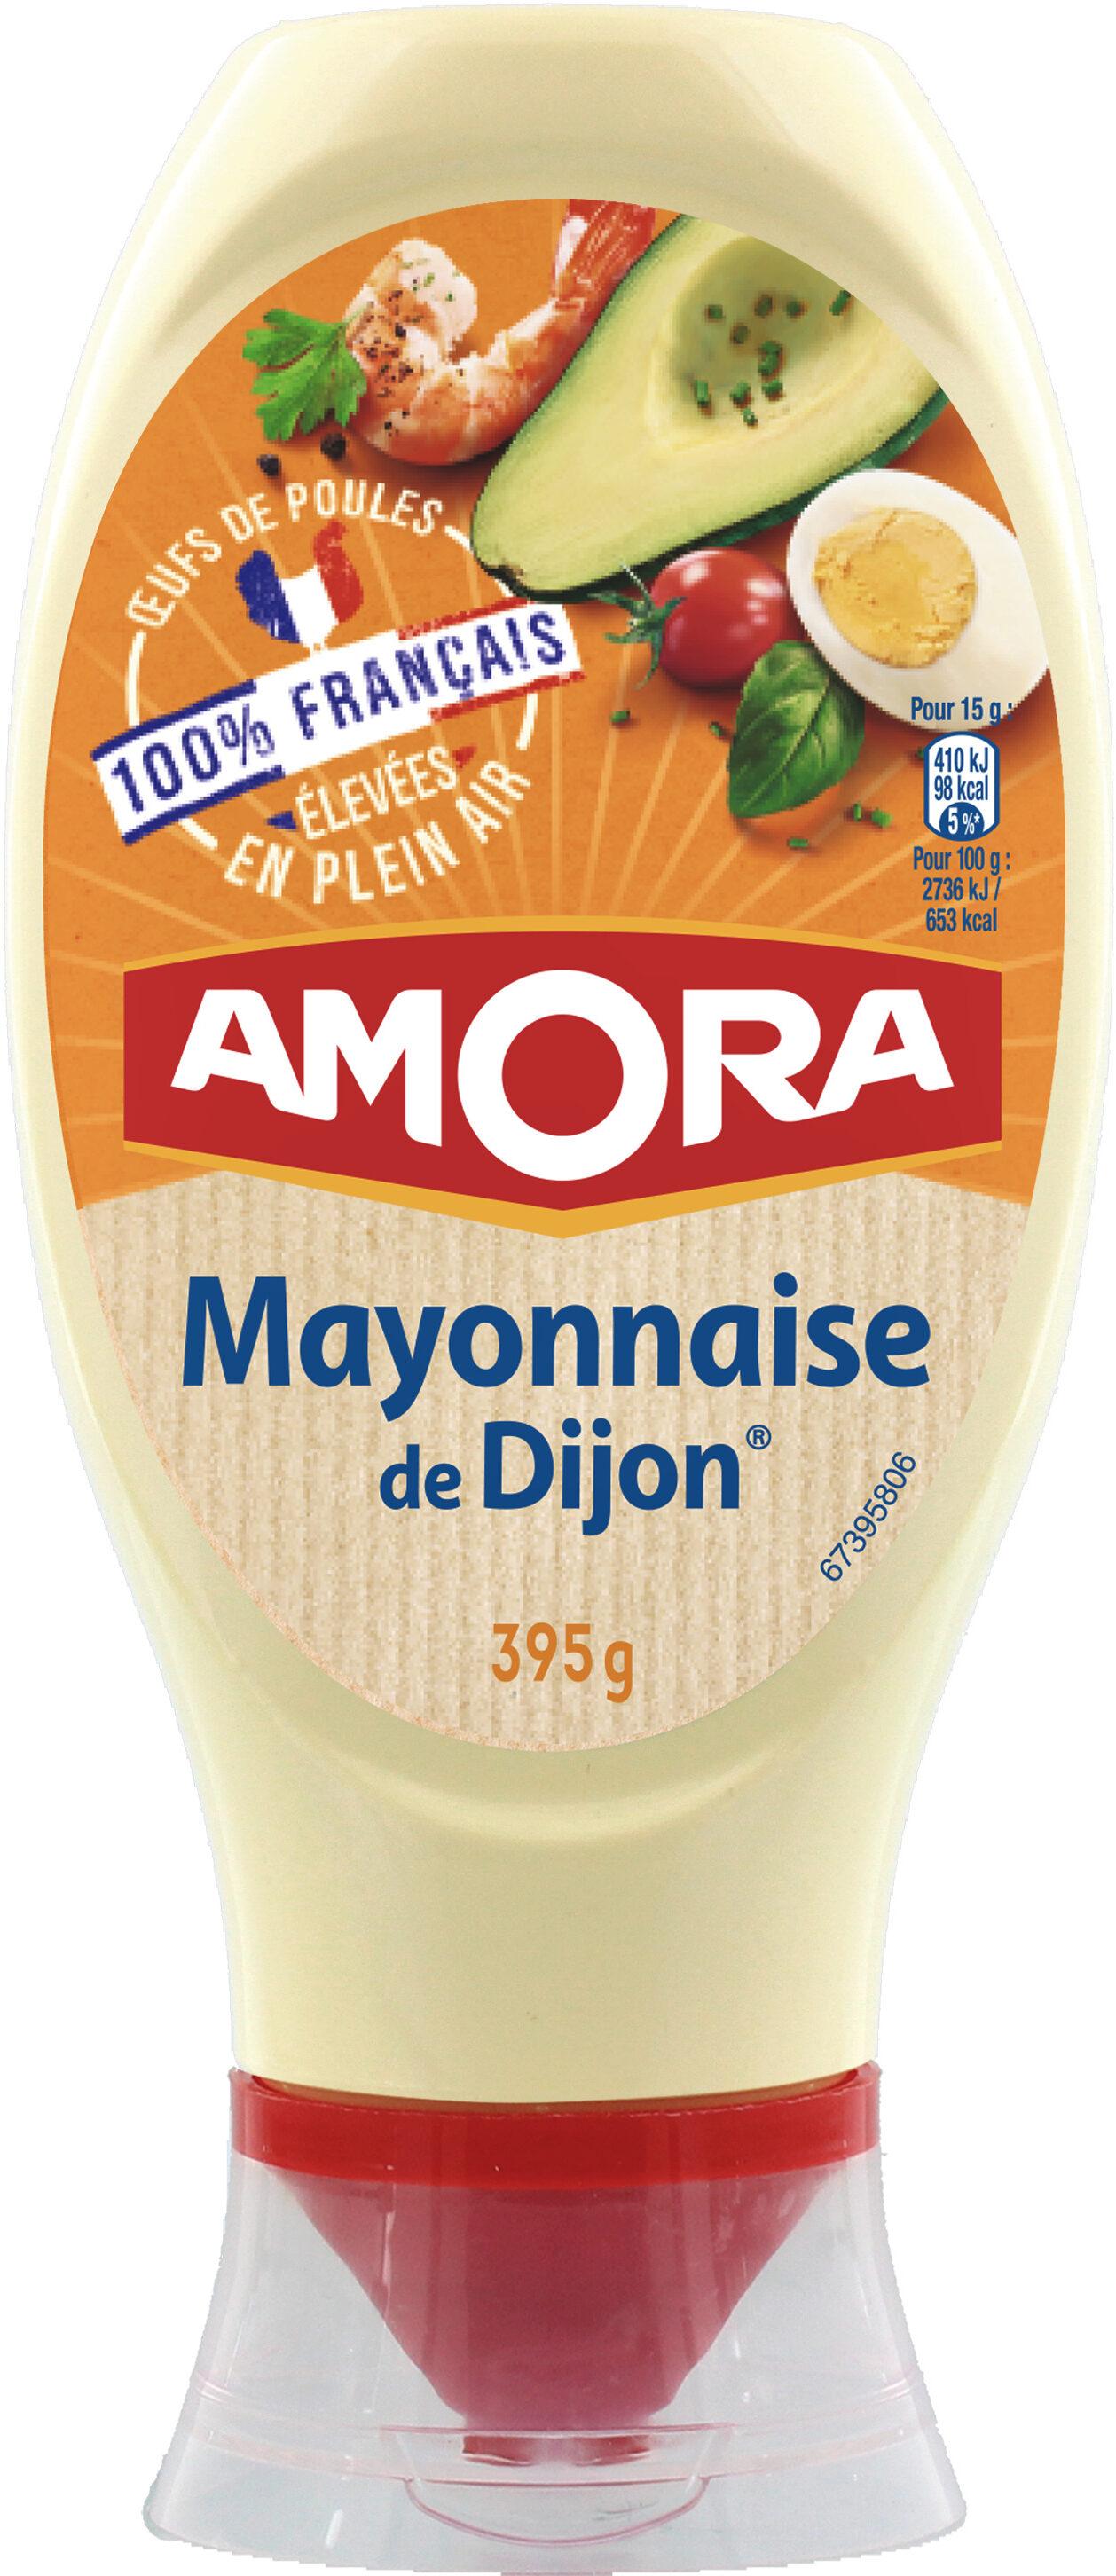 Amora Mayonnaise Dijon Nature Œufs Français Flacon Souple 685g - Product - fr